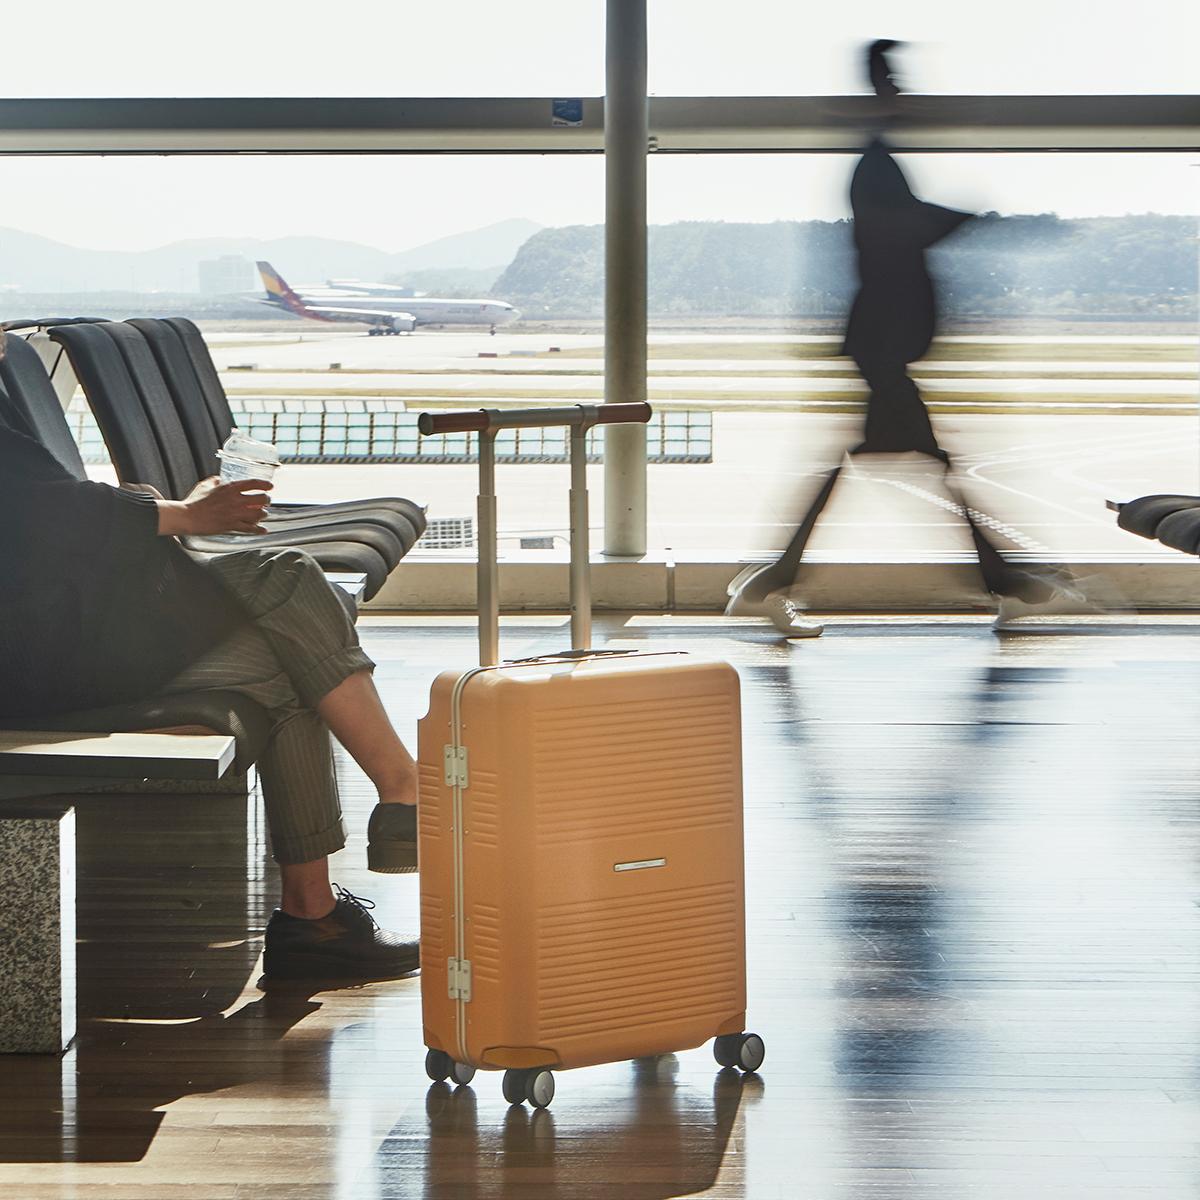 家から旅先までの利便性をとことん追求した、控えめだけど、気の利いた設計のスーツケース(37L・1〜2泊・機内持ち込みサイズ)|RAWROW